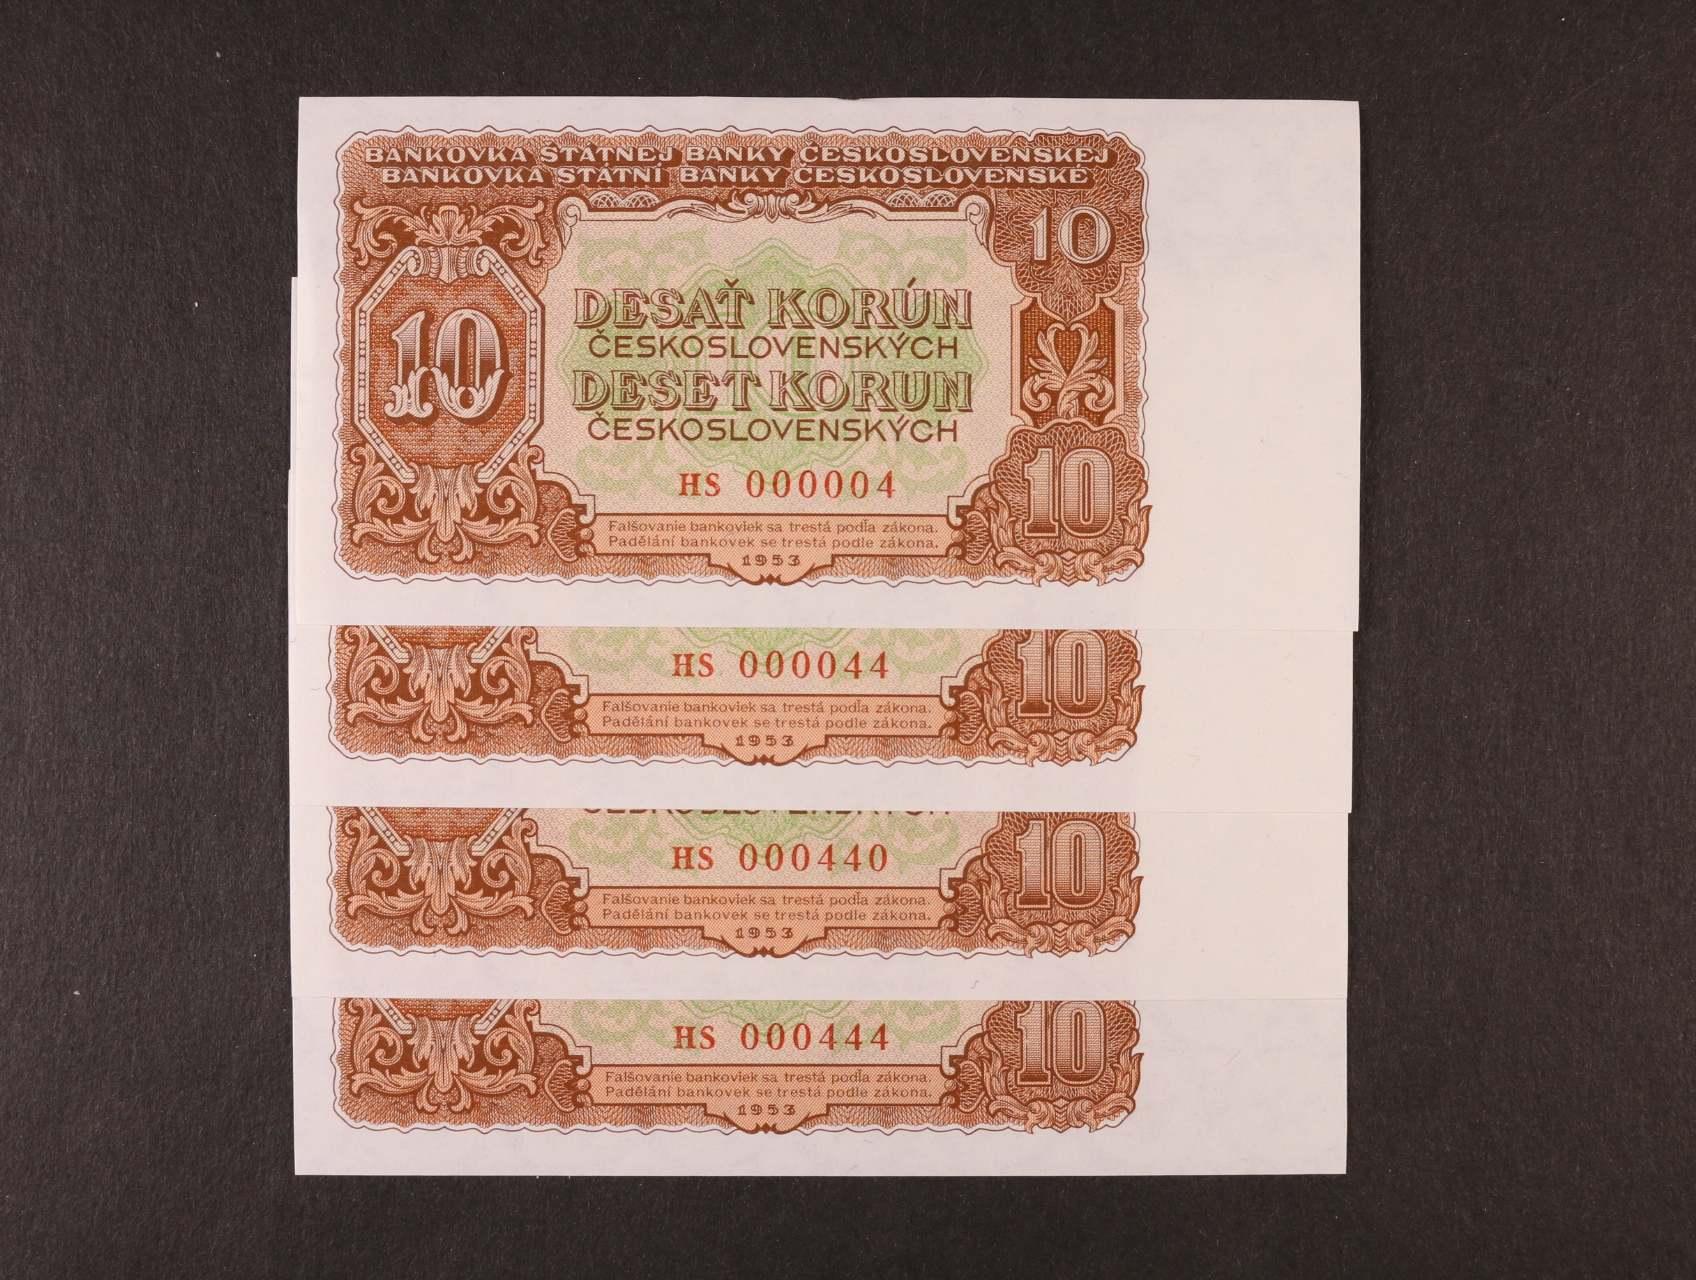 10 Kčs 1953 série HS 000004, 000044, 000440, 000444, zajímavá čísla, Ba. 89b, Pi. 83b, 4ks